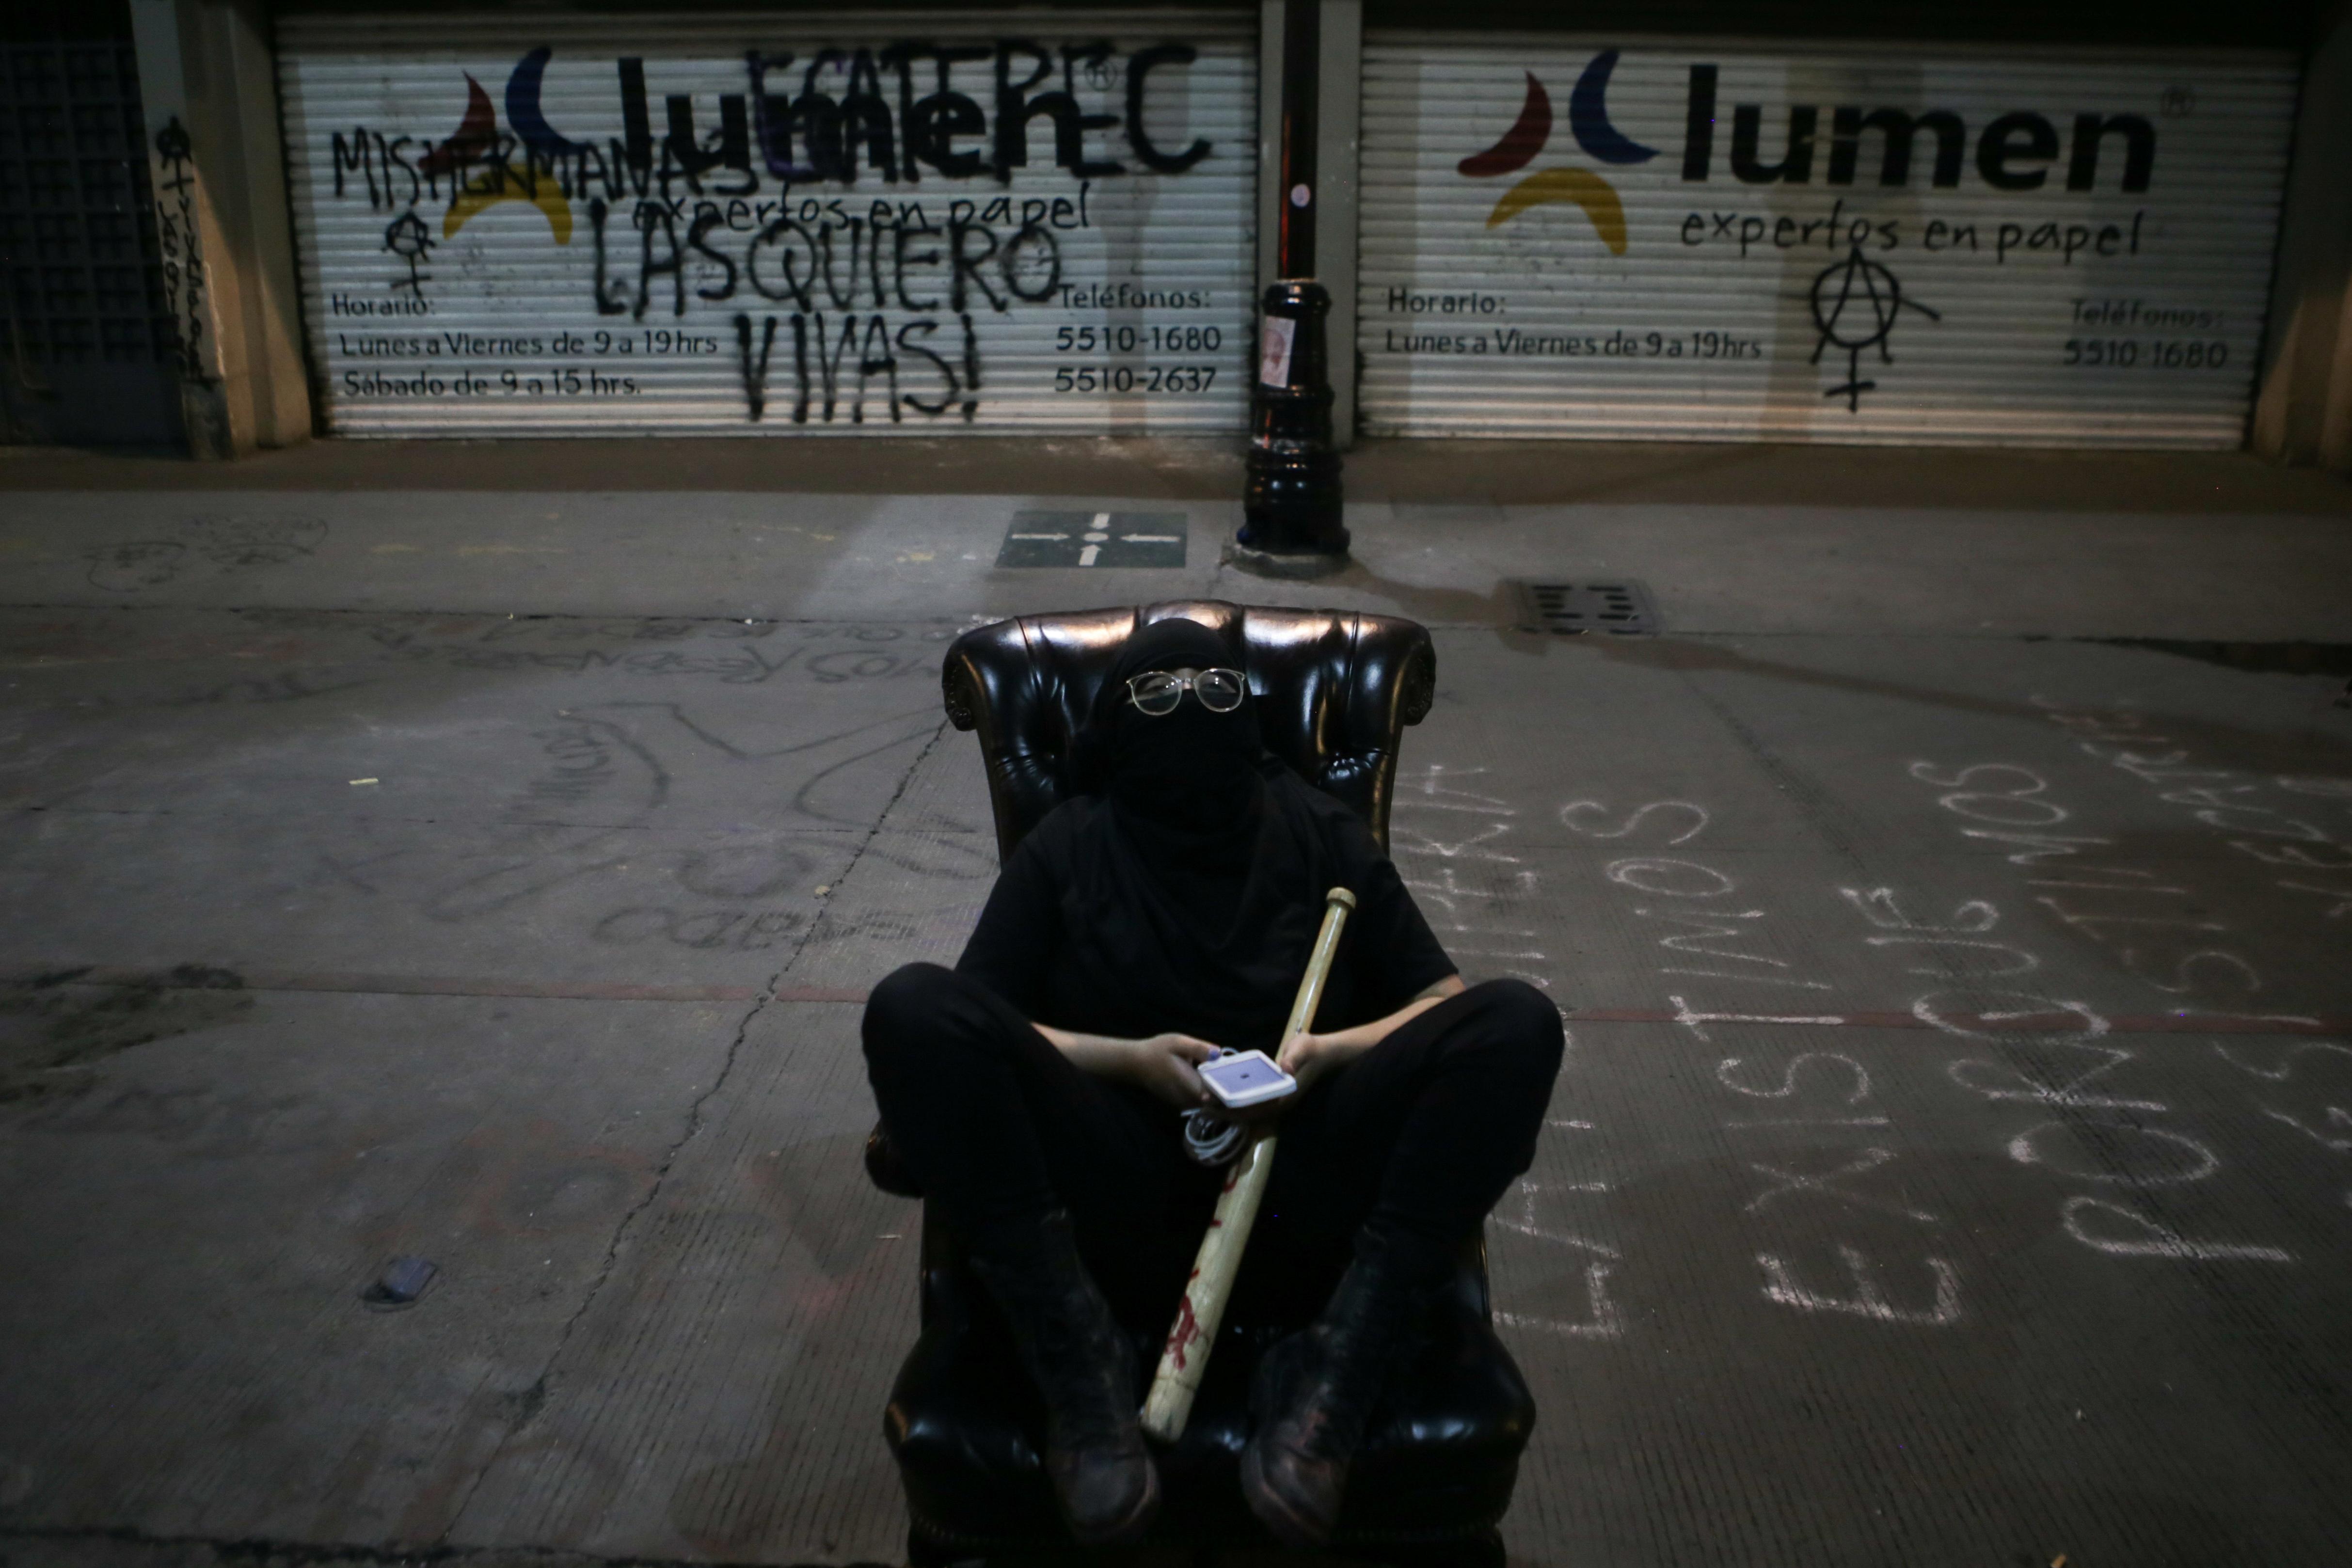 Una integrante de un colectivo feminista sentada en la silla de una Comisión Nacional de Derechos Humanos mientras monta guardia en la calle durante la noche fuera de las instalaciones del edificio de la Comisión Nacional de Derechos Humanos, en apoyo a las víctimas de violencia de género, en la Ciudad de México, México 11 de septiembre , 2020. Foto tomada el 11 de septiembre de 2020.